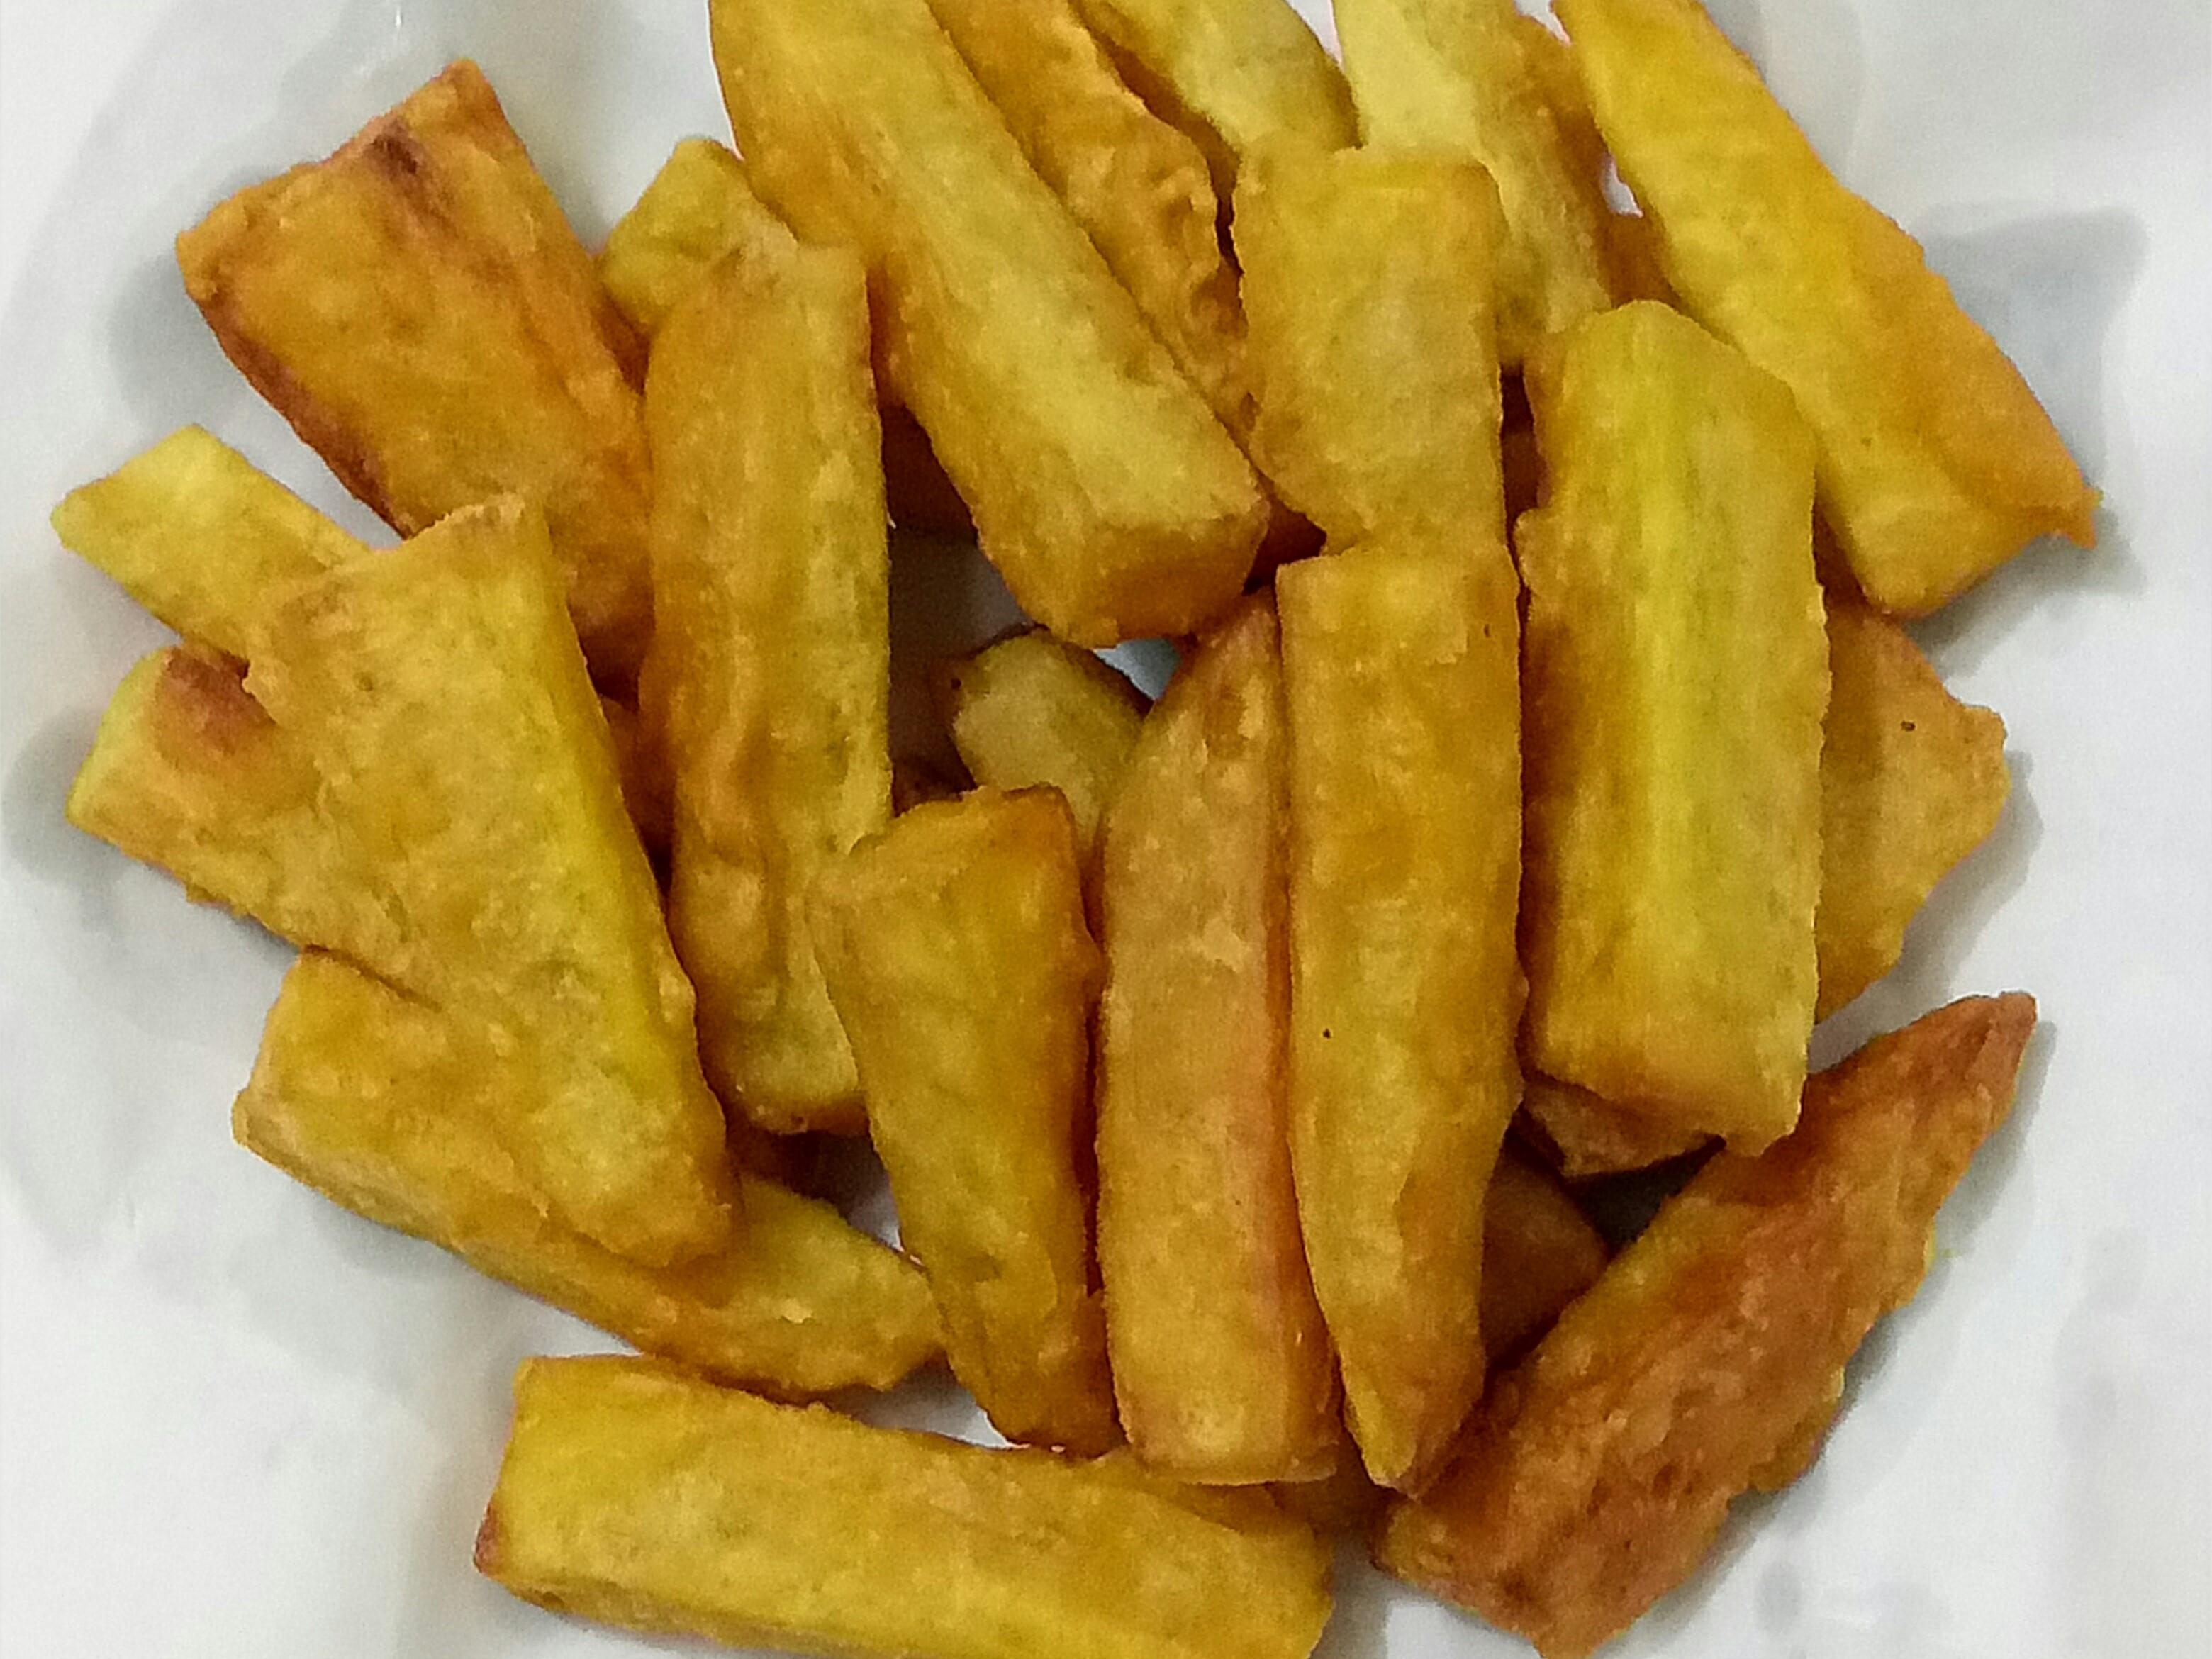 酥炸金黃地瓜條(甘梅薯條)